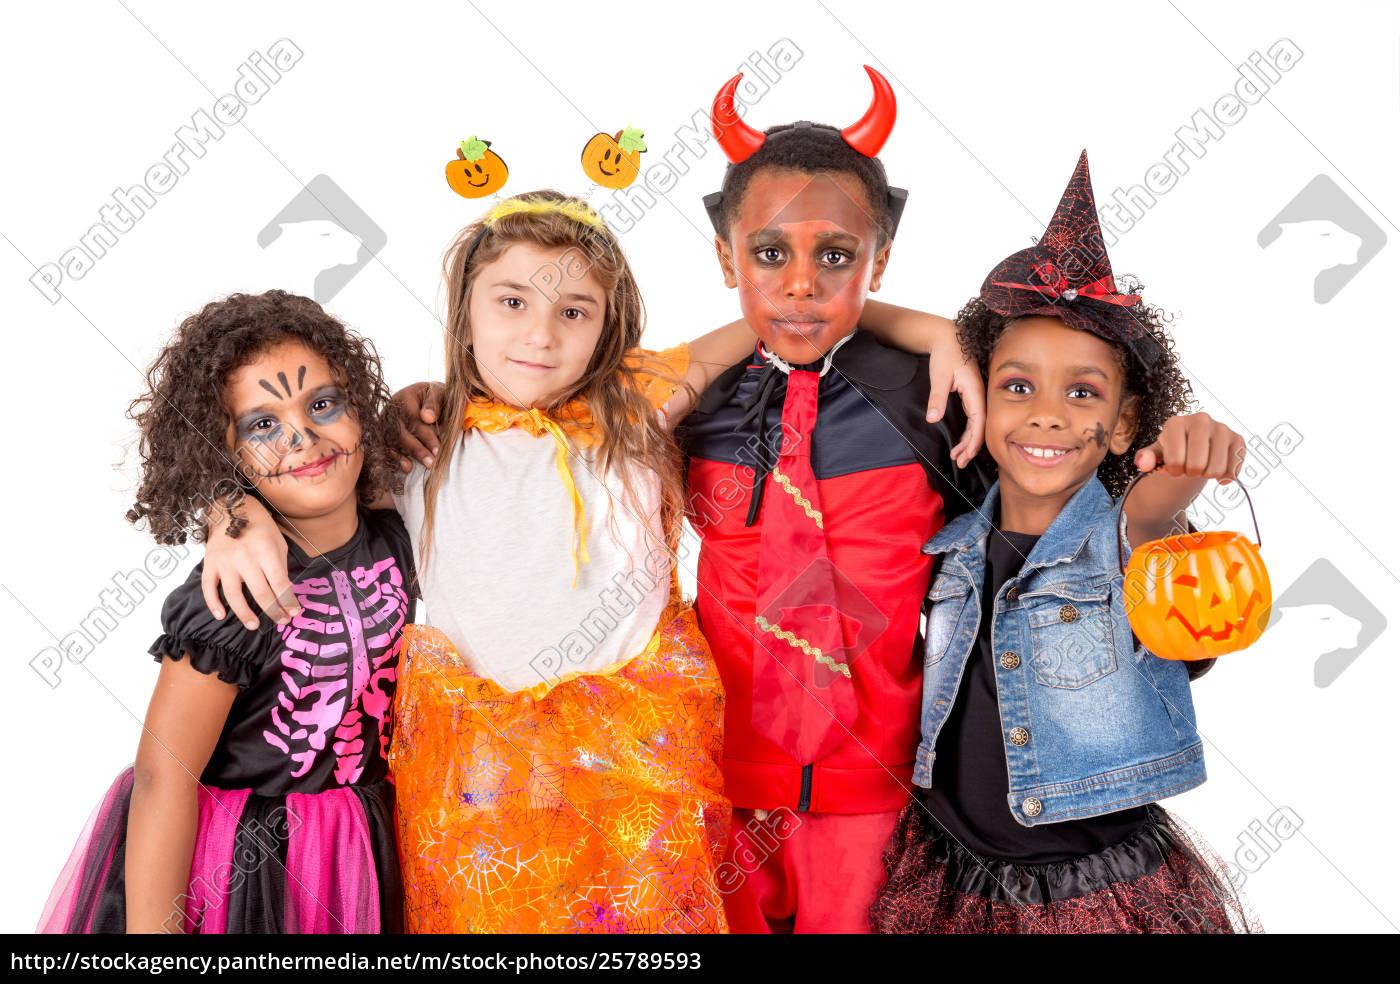 Halloween Gruppo.Stockfoto 25789593 Gruppe Von Kindern In Halloween Kostumen